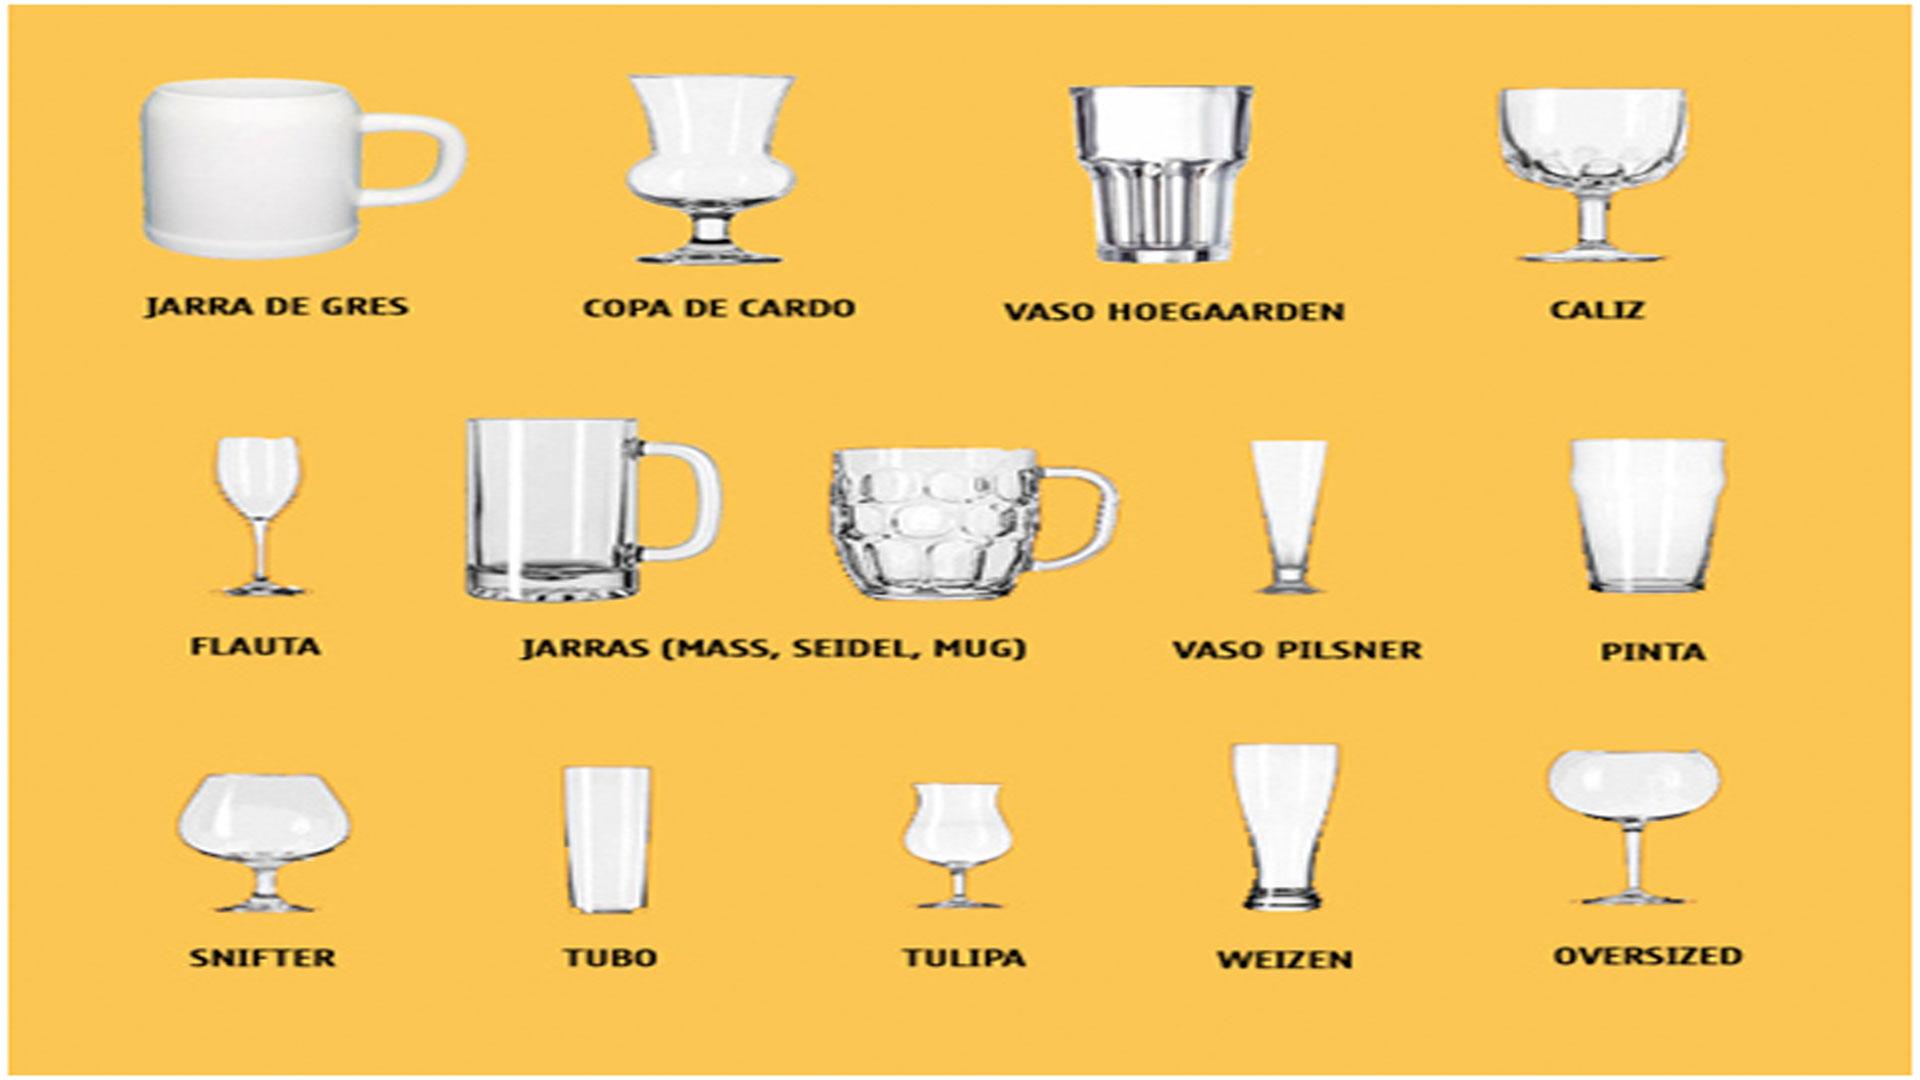 Los-diferentes-tipos-de-vasos-para-la-cerveza-1920